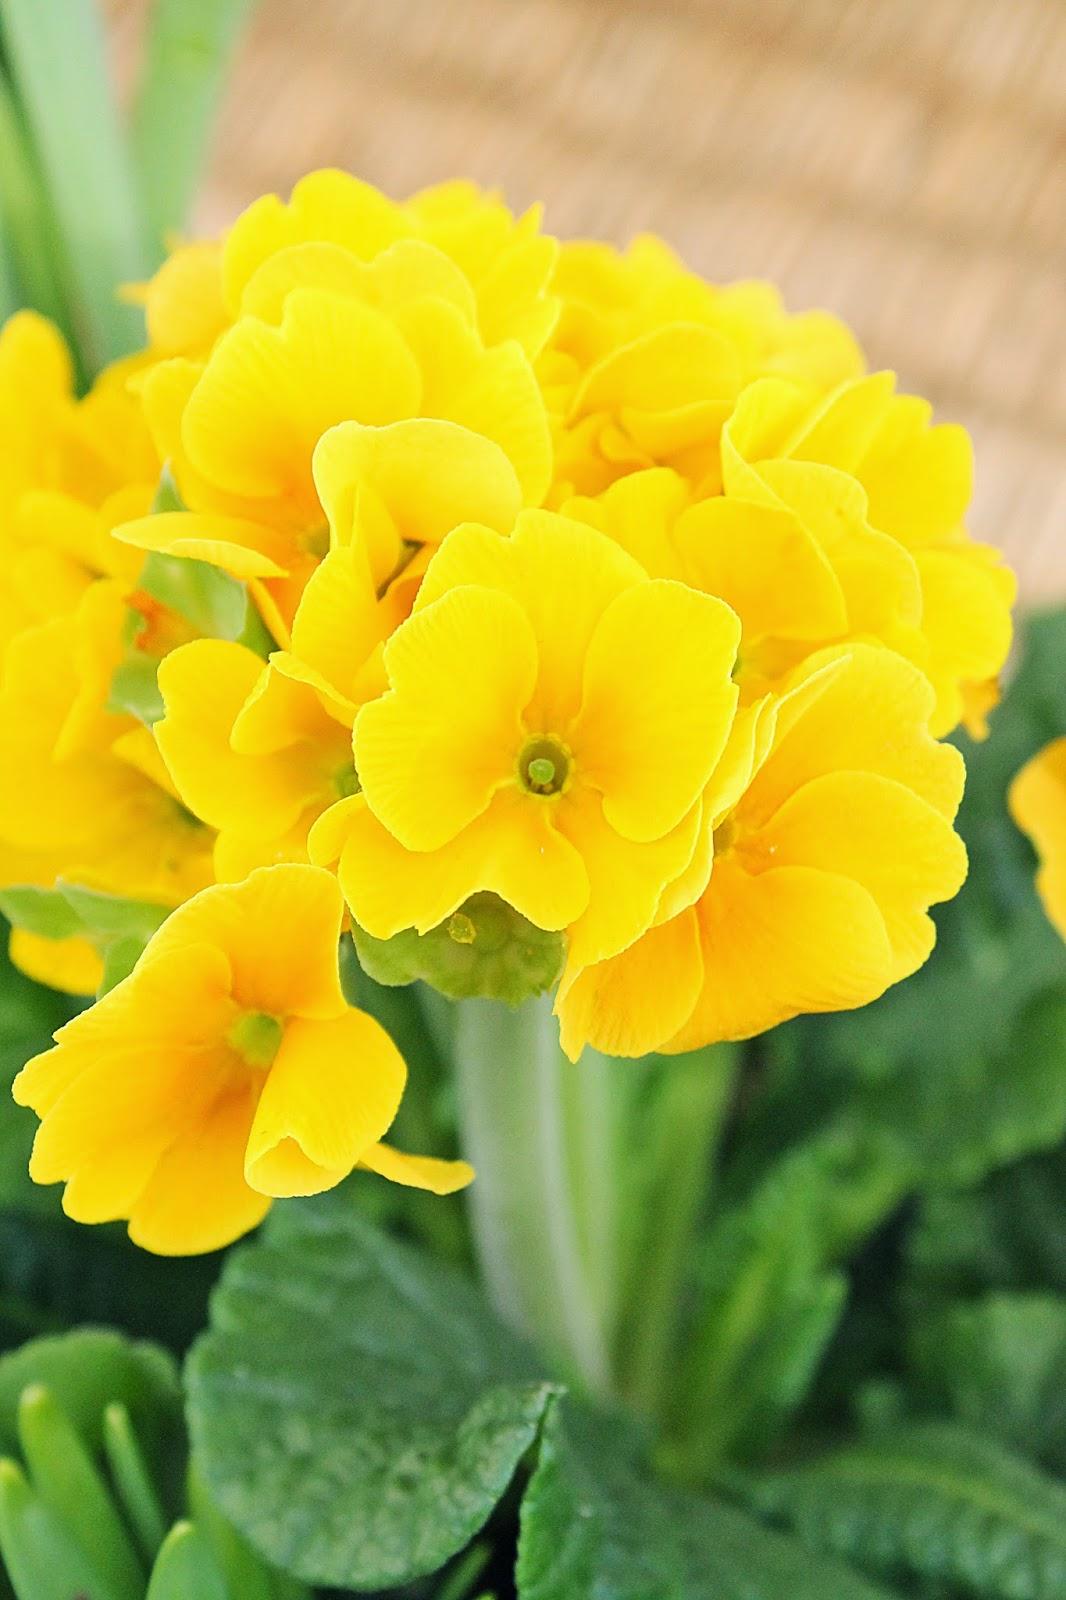 dekor/vesennie-cvety-k-pashe-foto-20.jpg